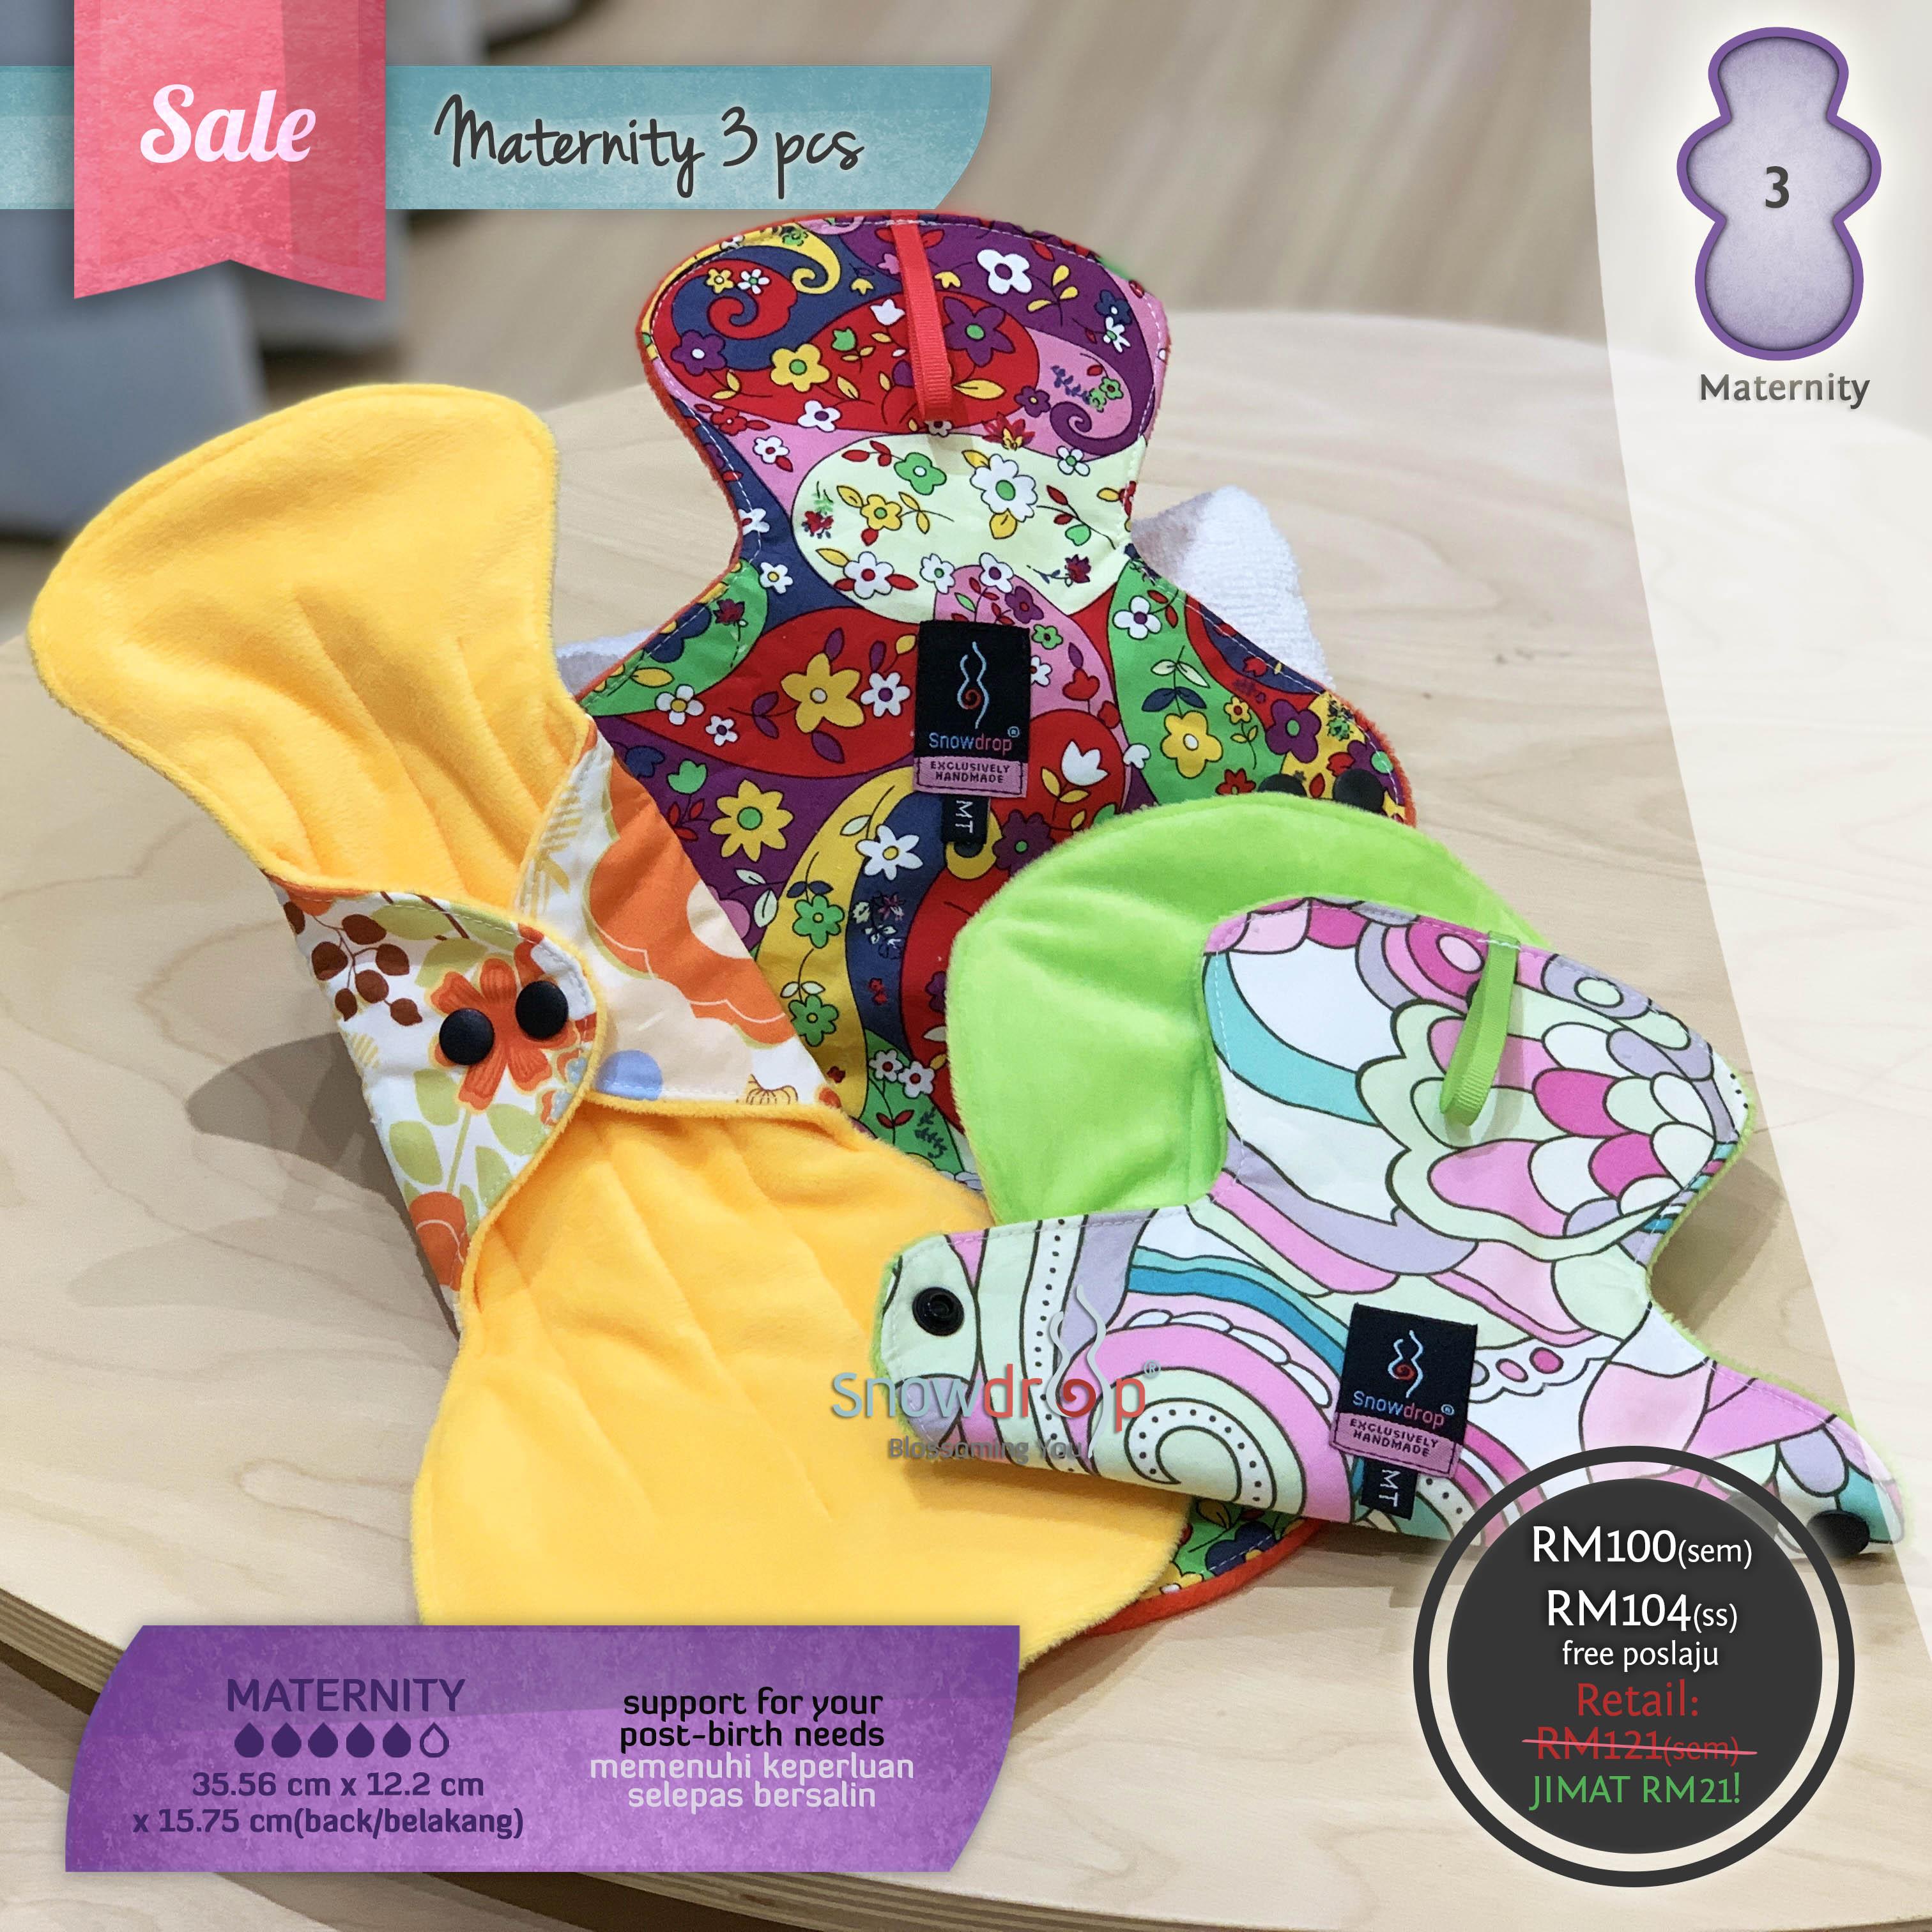 SALE - Maternity 3 Pieces Set